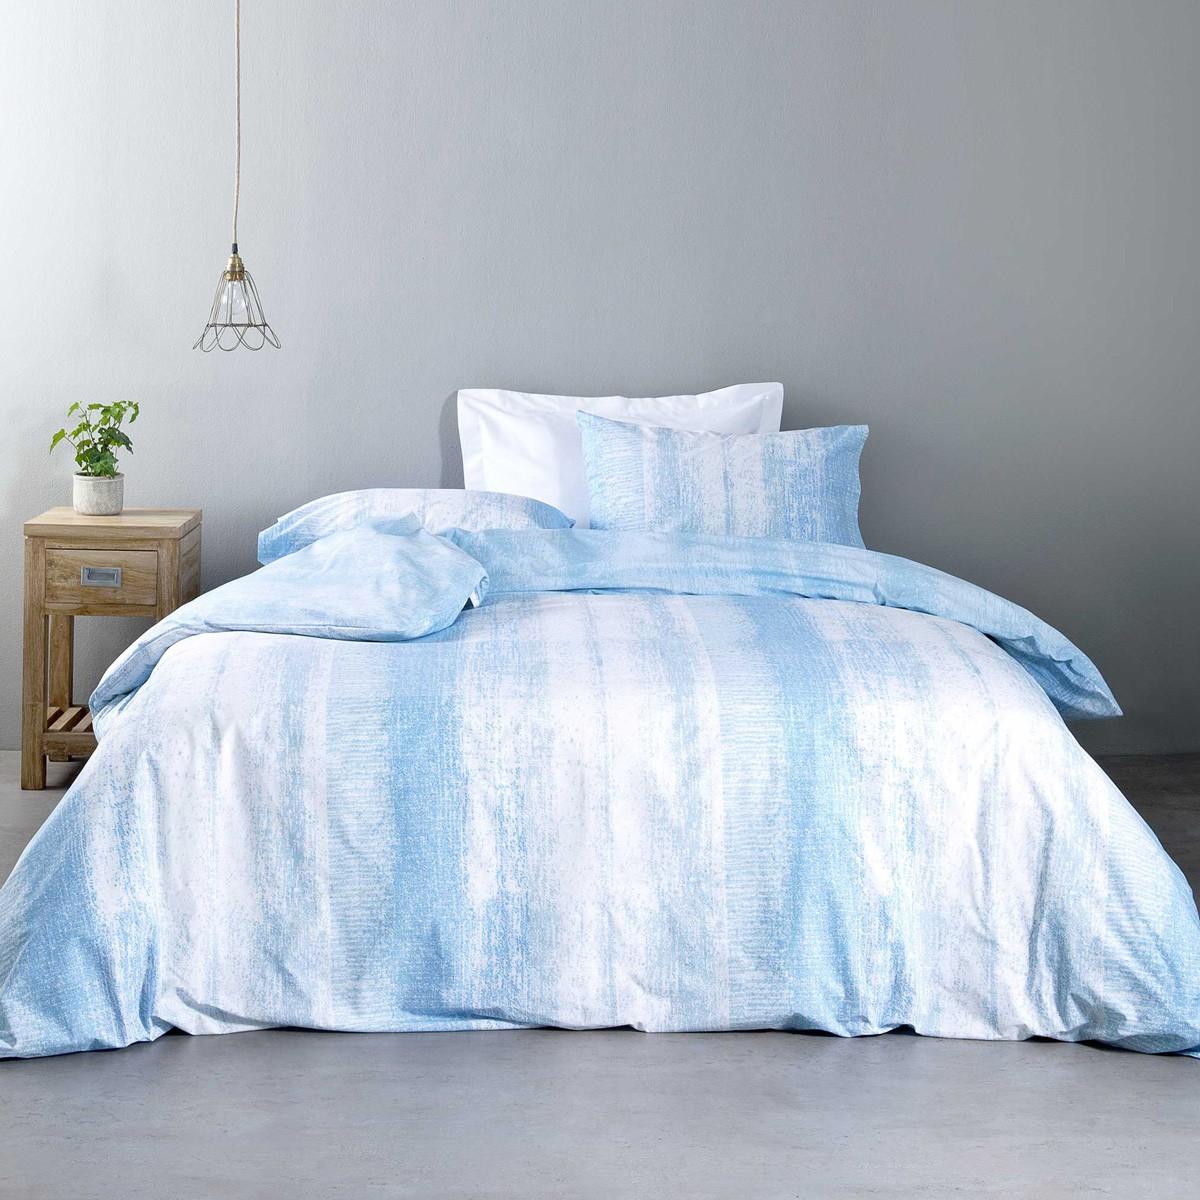 Κουβερλί Υπέρδιπλο Nima Bed Linen Battisti Blue